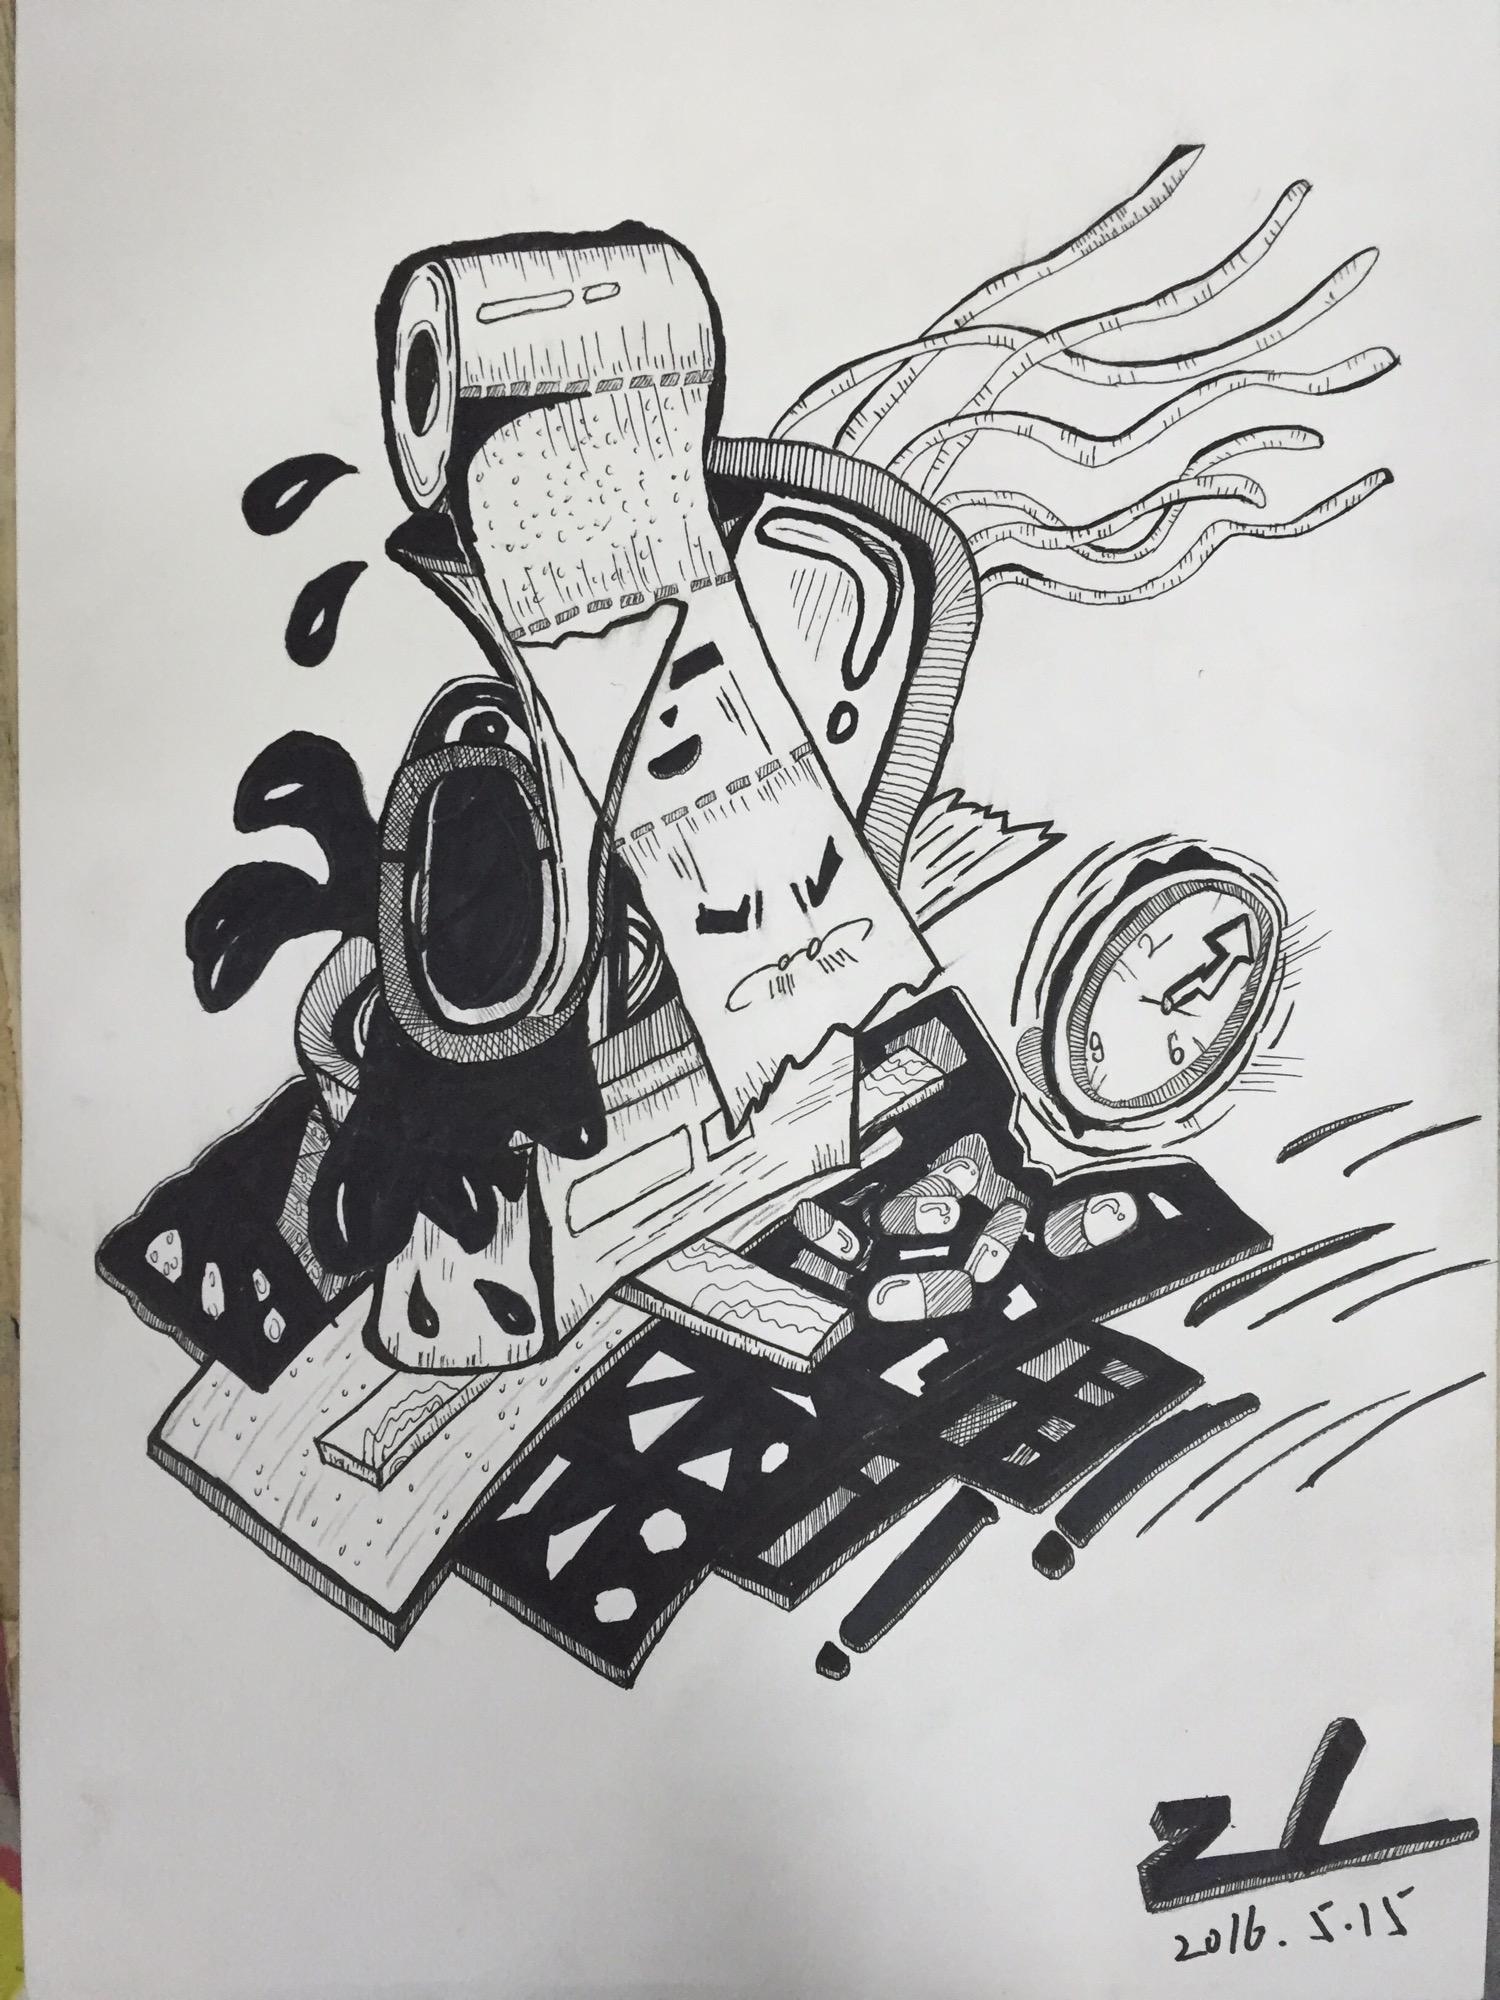 创意手绘|插画|插画习作|colin周 - 原创作品 - 站酷